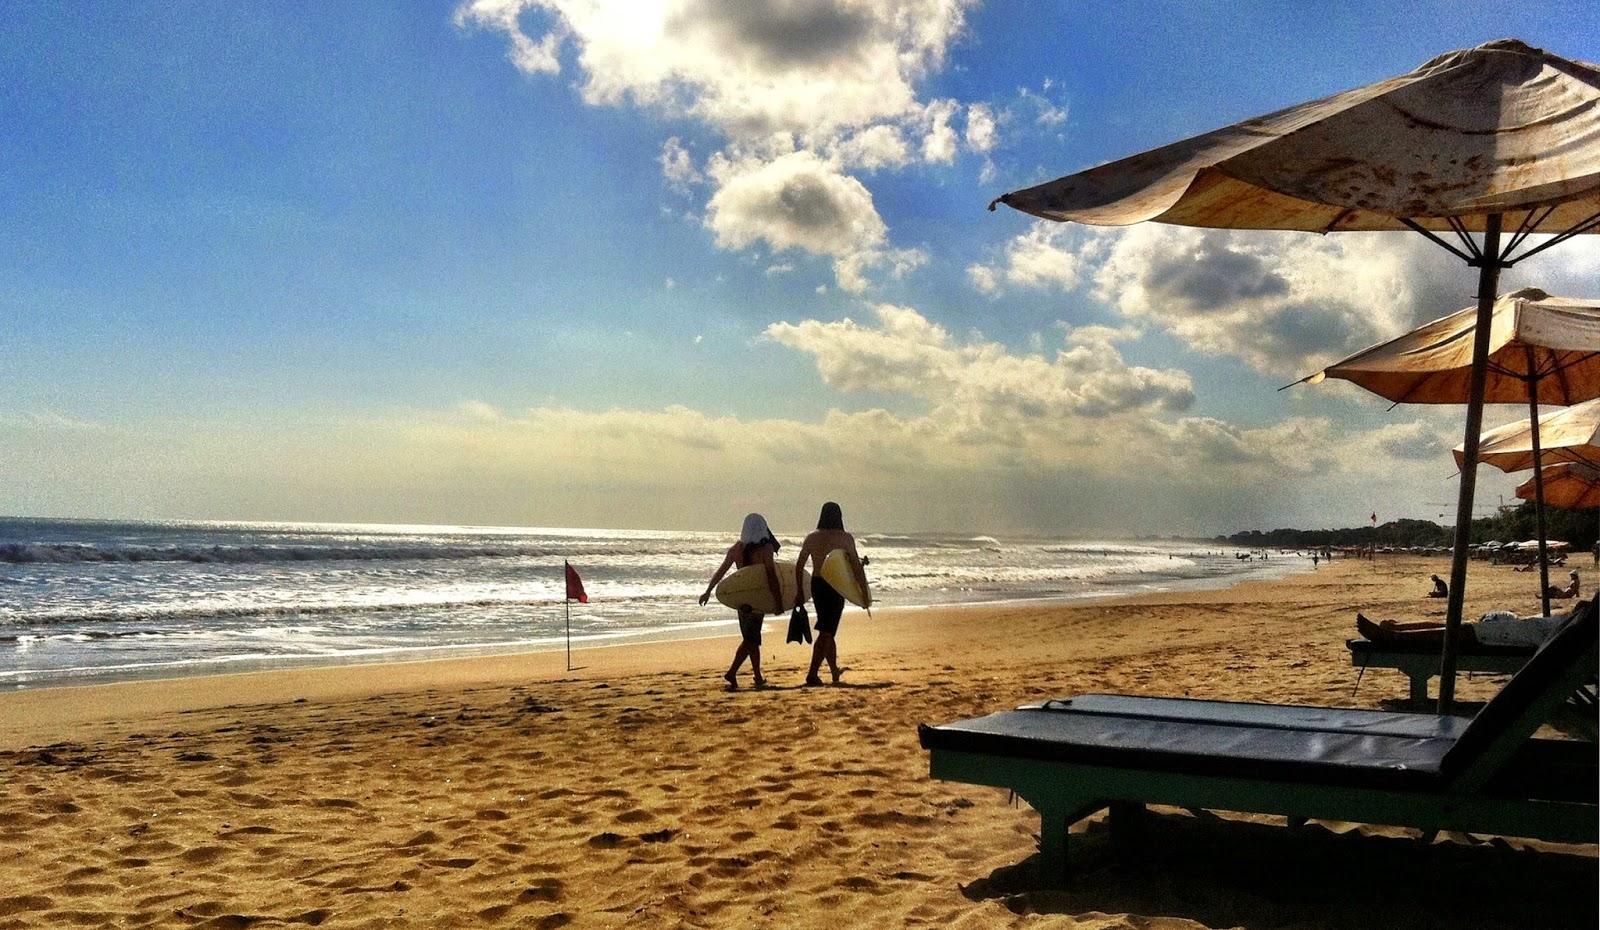 Pantai Seminyak Wisata Mewah Dan Menawan Di Bali Bali